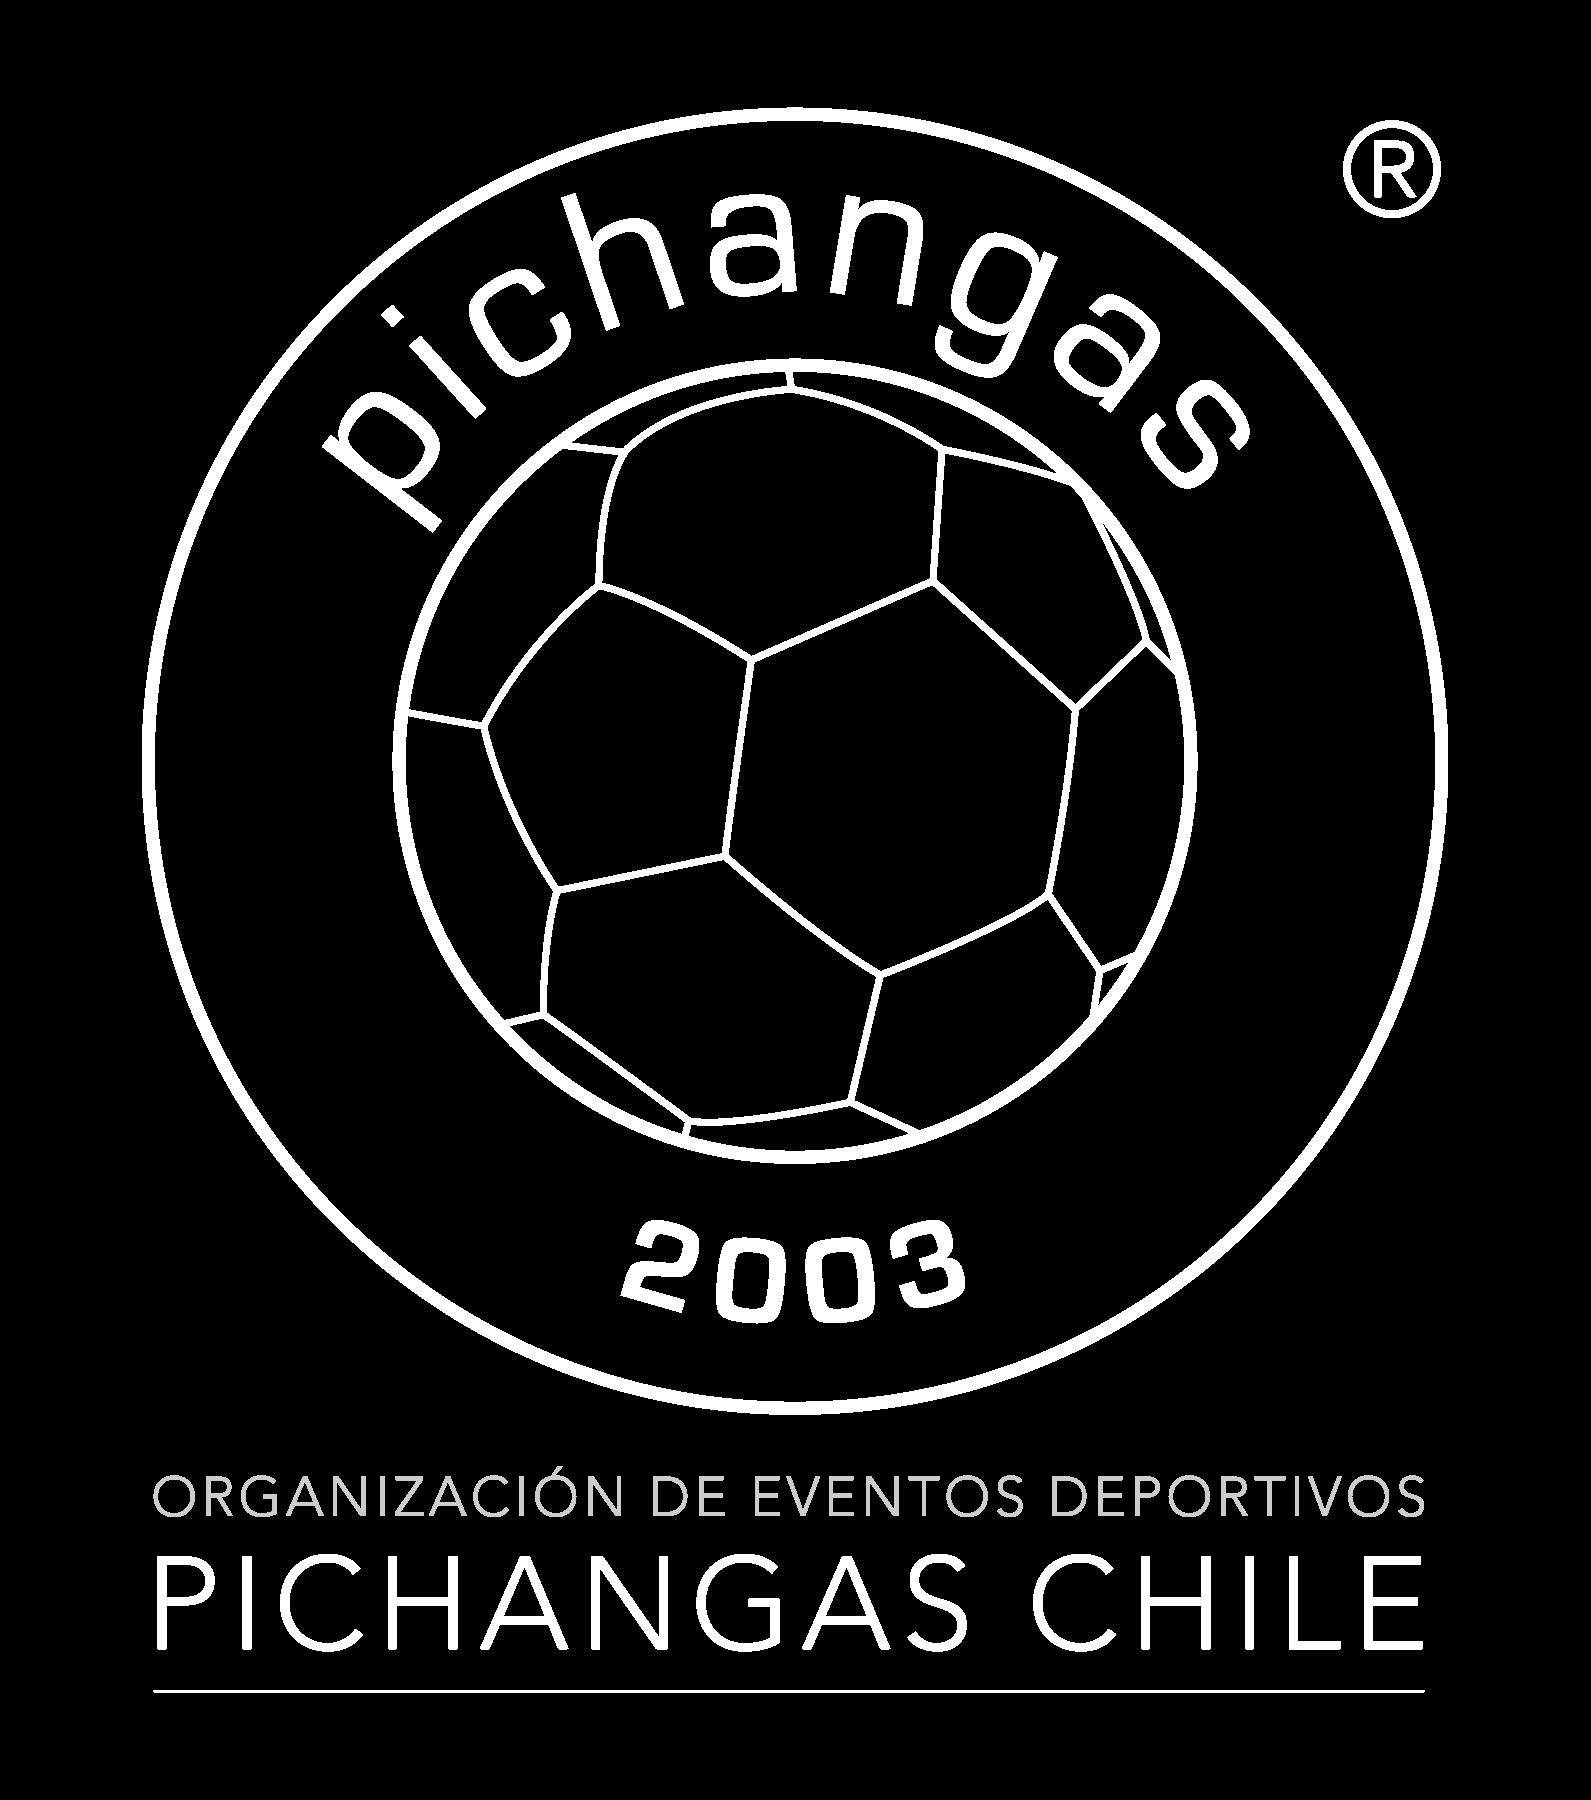 Pichangas Chile